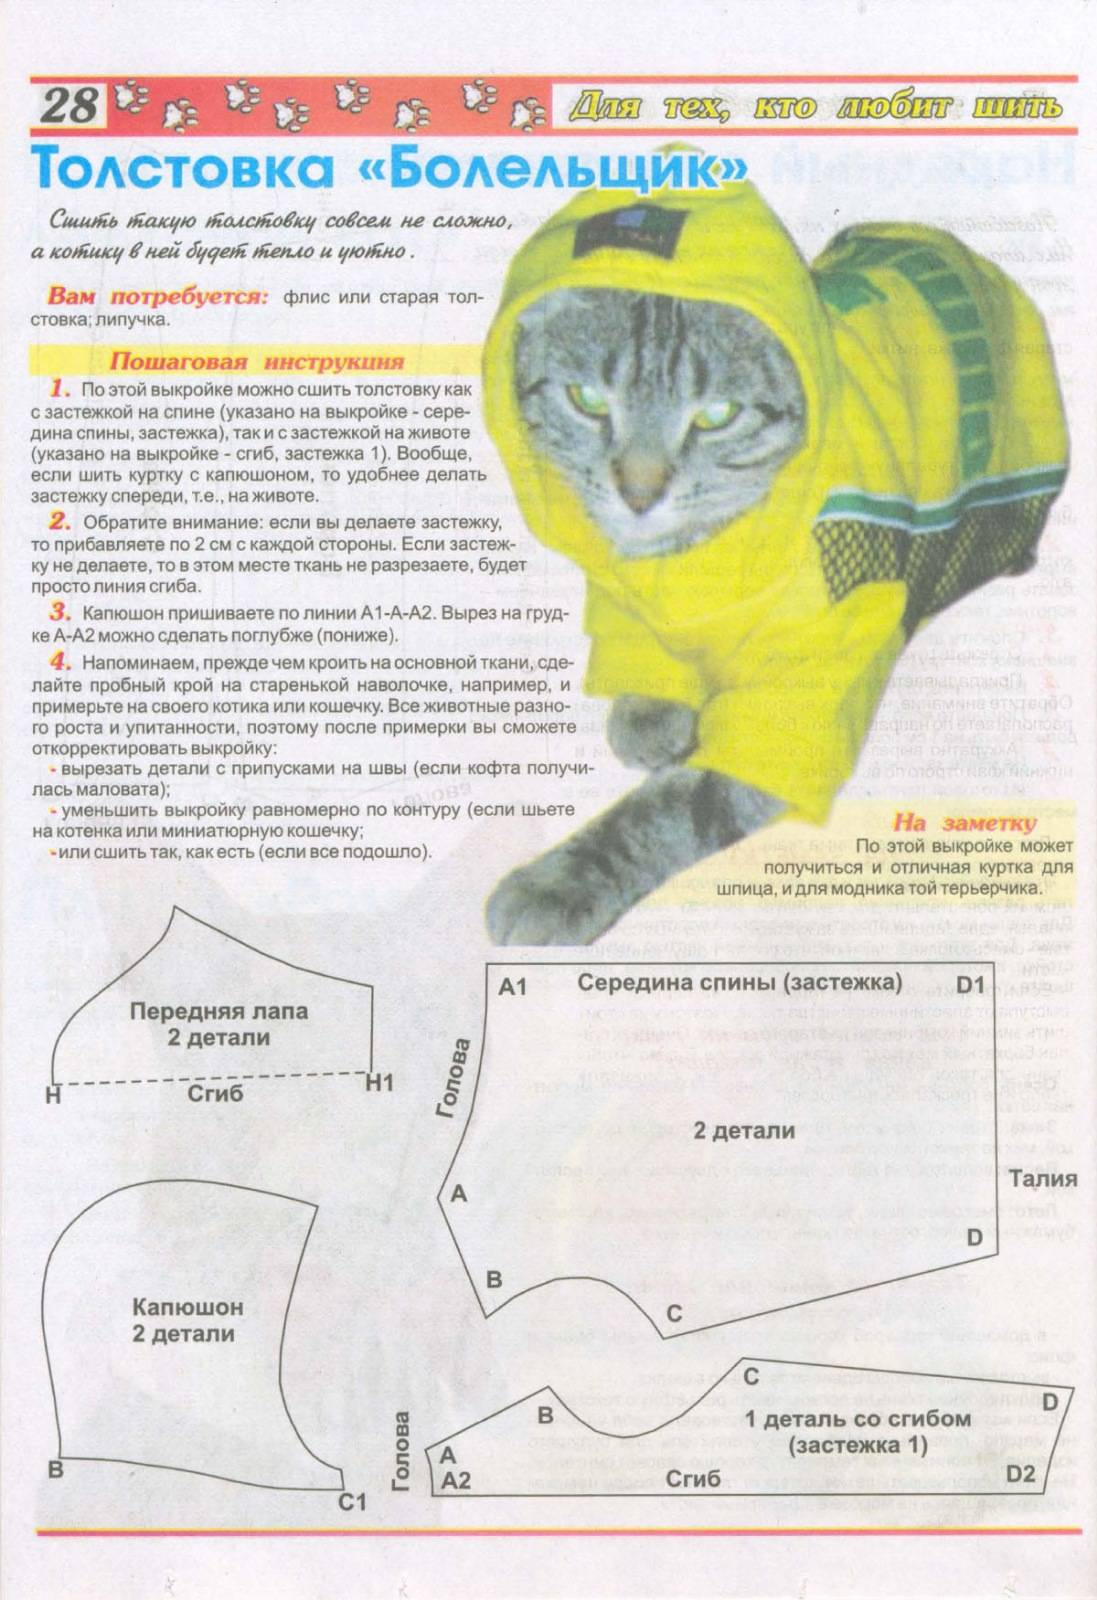 Одежда для кошек своими руками: общие сведения, этапы работы, советы профессионалов